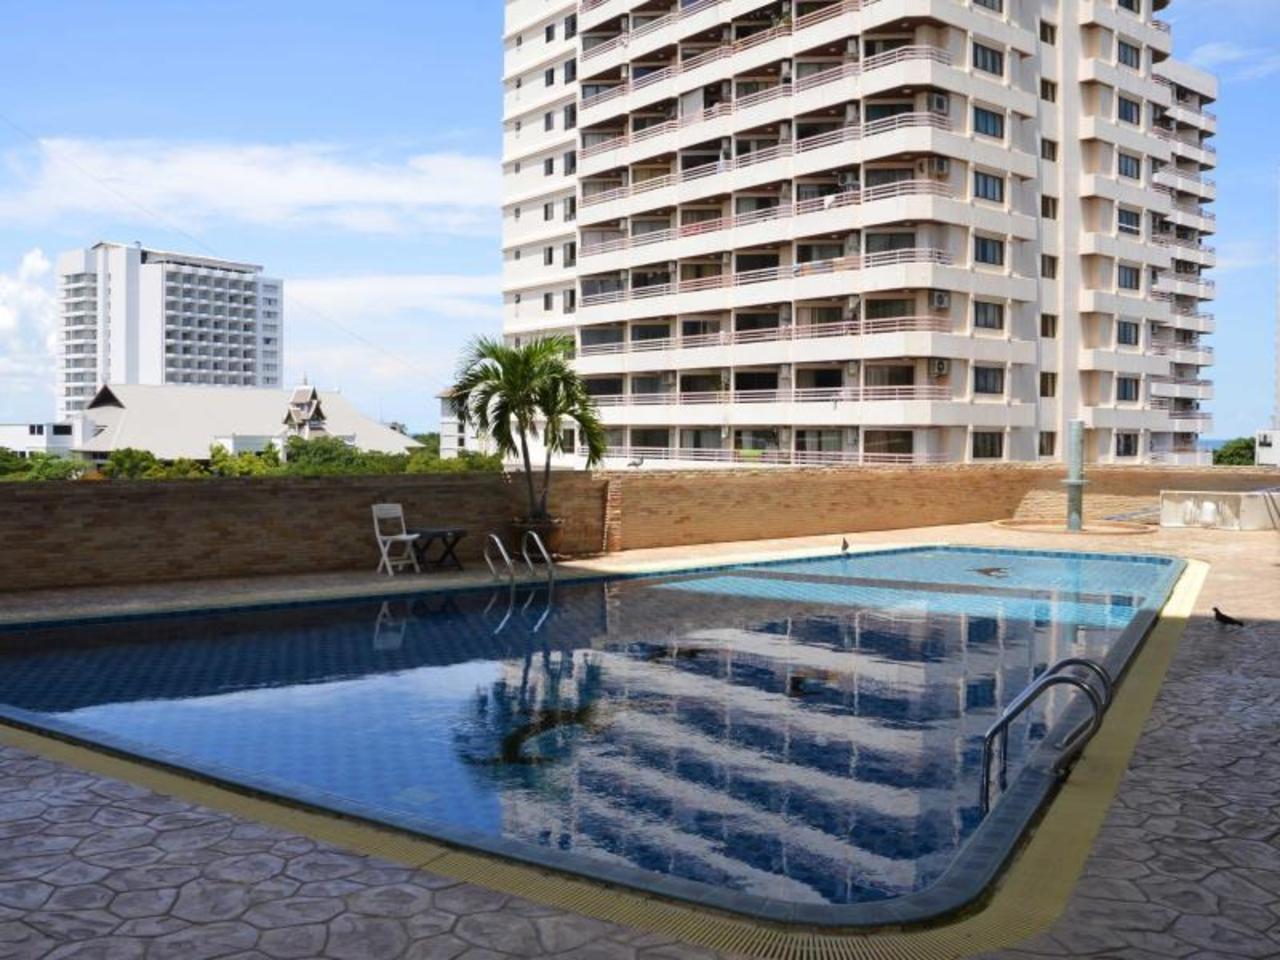 เทพ ทิพย์ อาร์ทเดโค อพาร์ตเมนต์ (ThepThip ArtDeco Apartments)